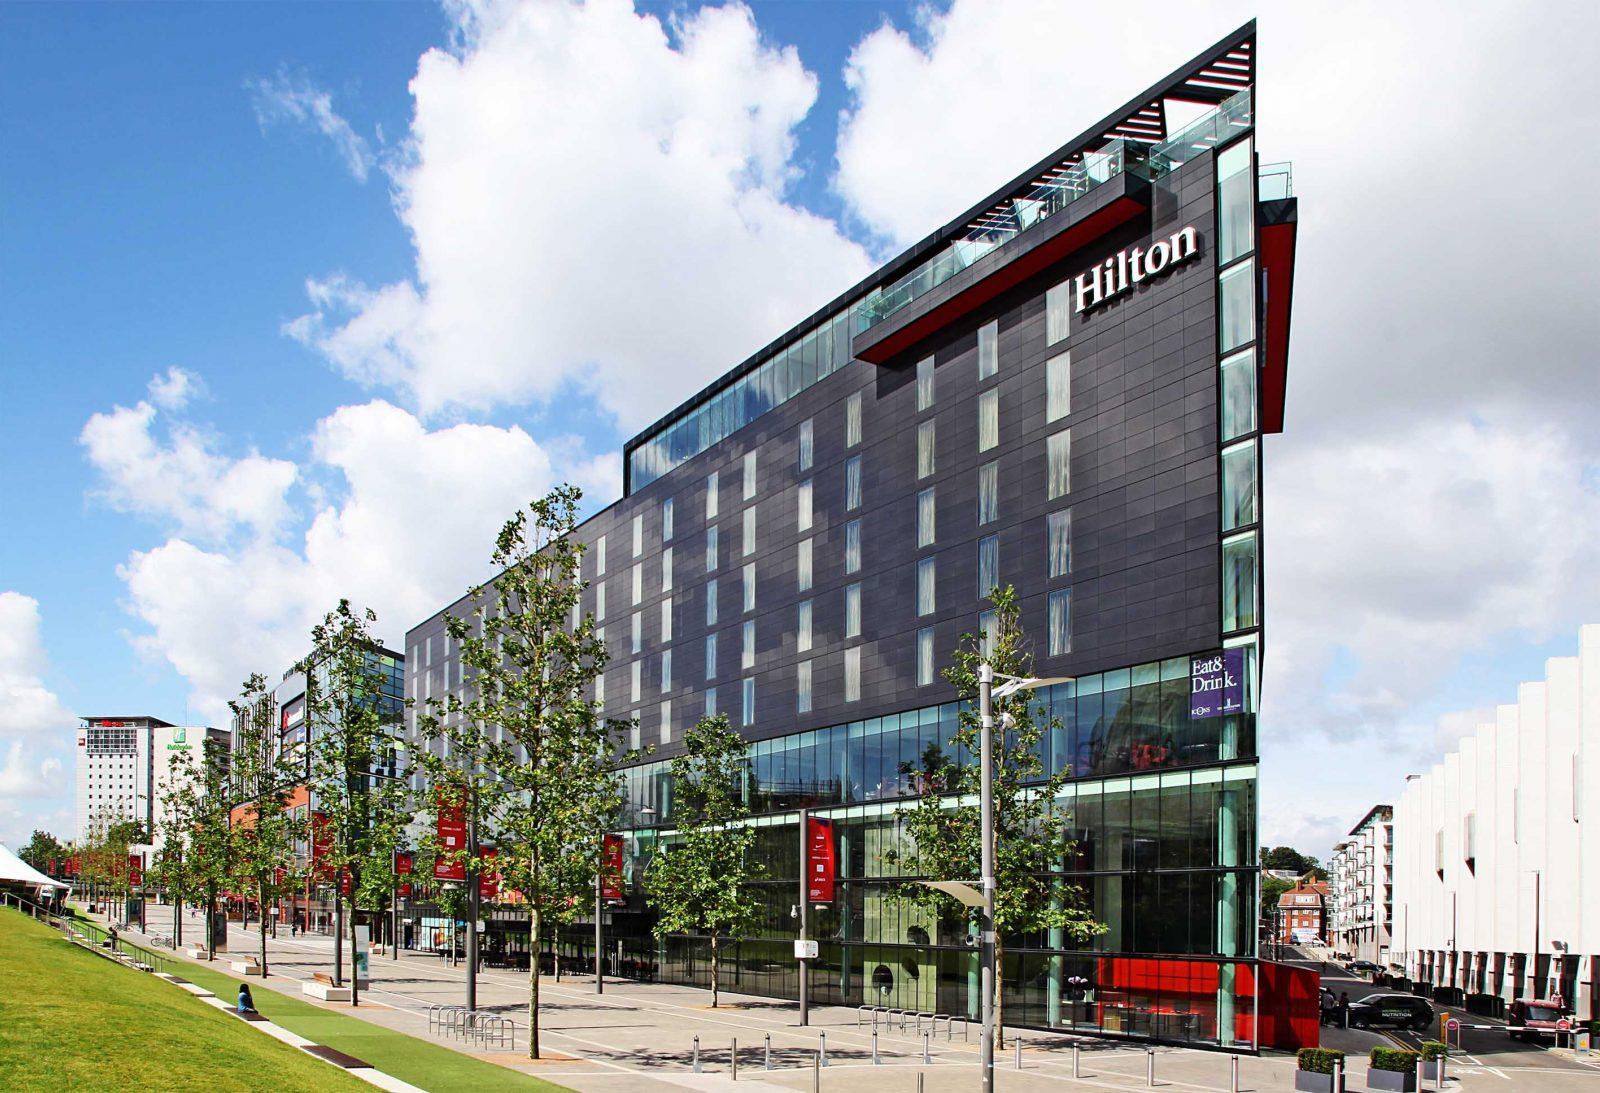 Wembley W05, Hilton Hotel